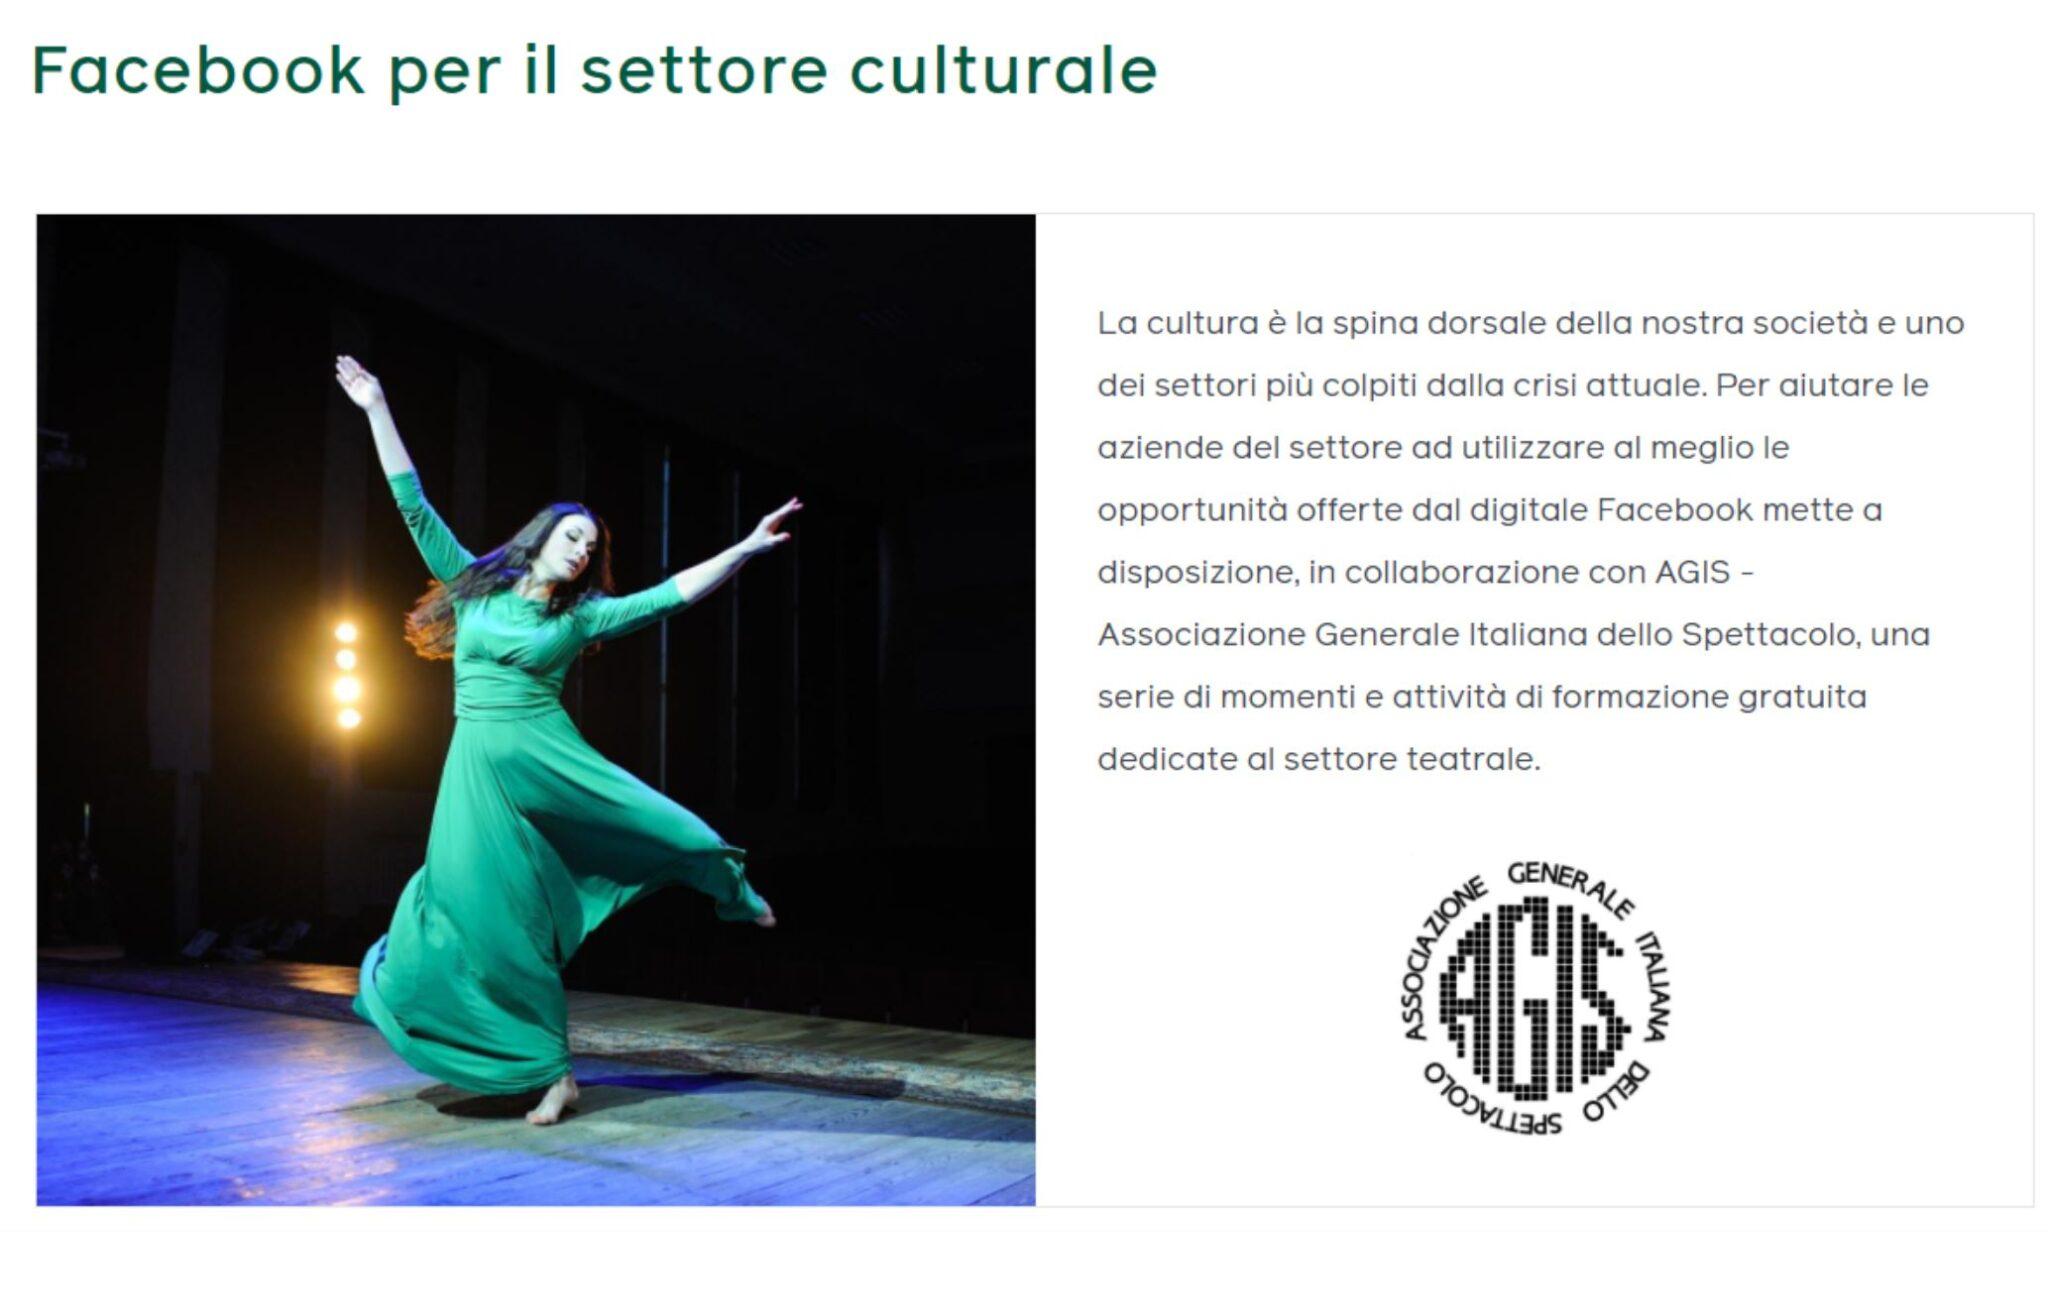 Le iniziative di Facebook a Agis per la Giornata Mondiale dei Teatri